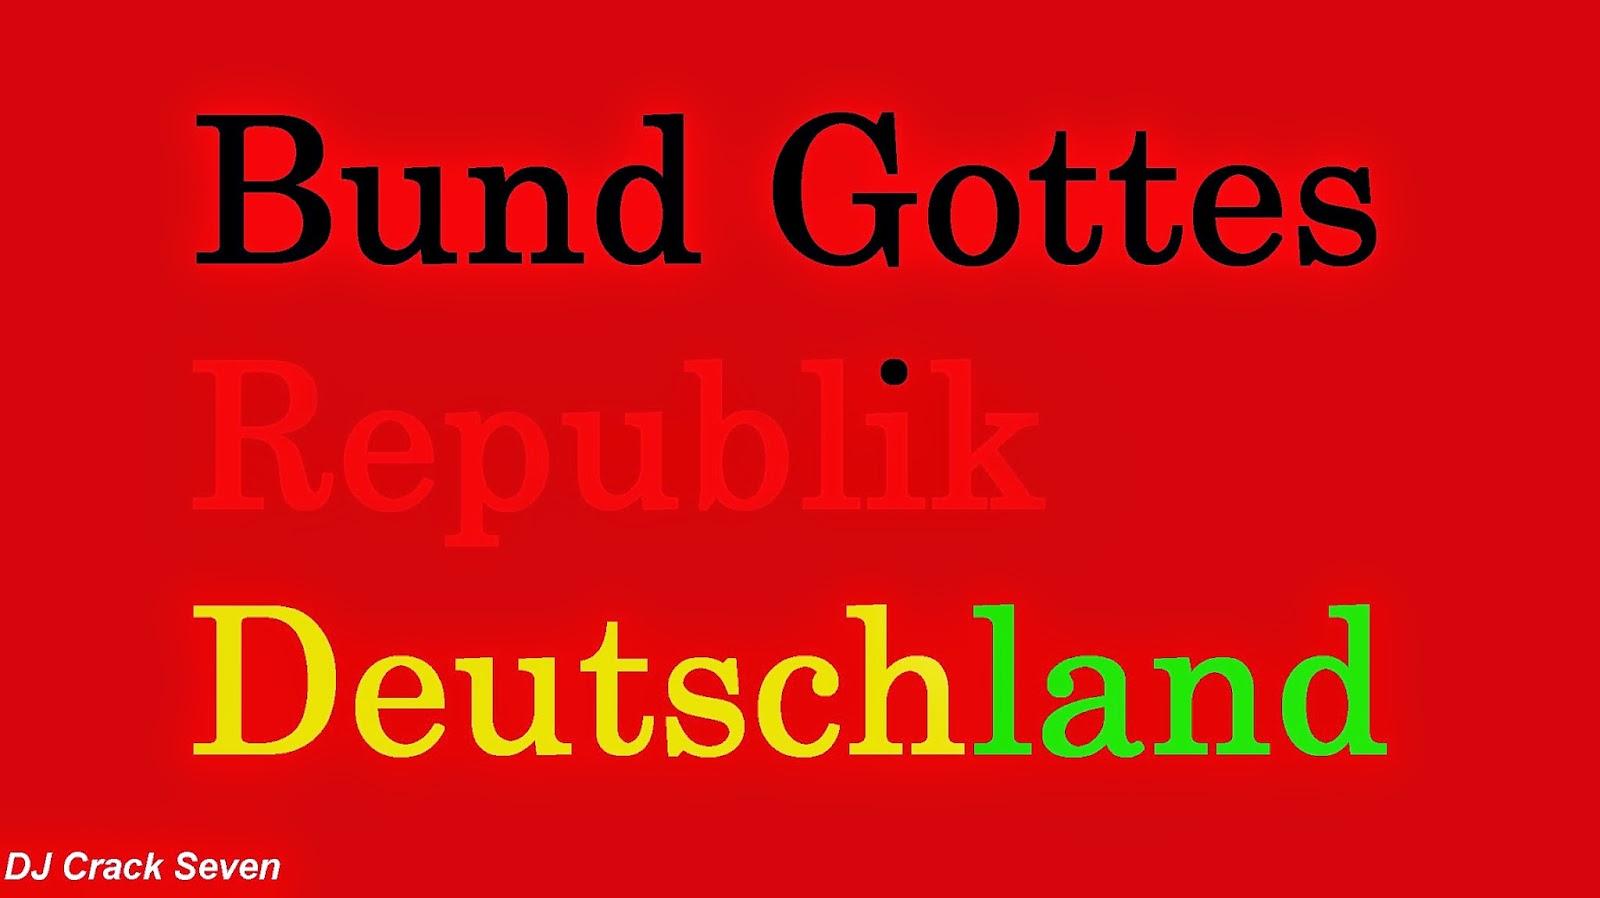 http://de.wikipedia.org/wiki/Pr%C3%A4ambel_des_Grundgesetzes_f%C3%BCr_die_Bundesrepublik_Deutschland